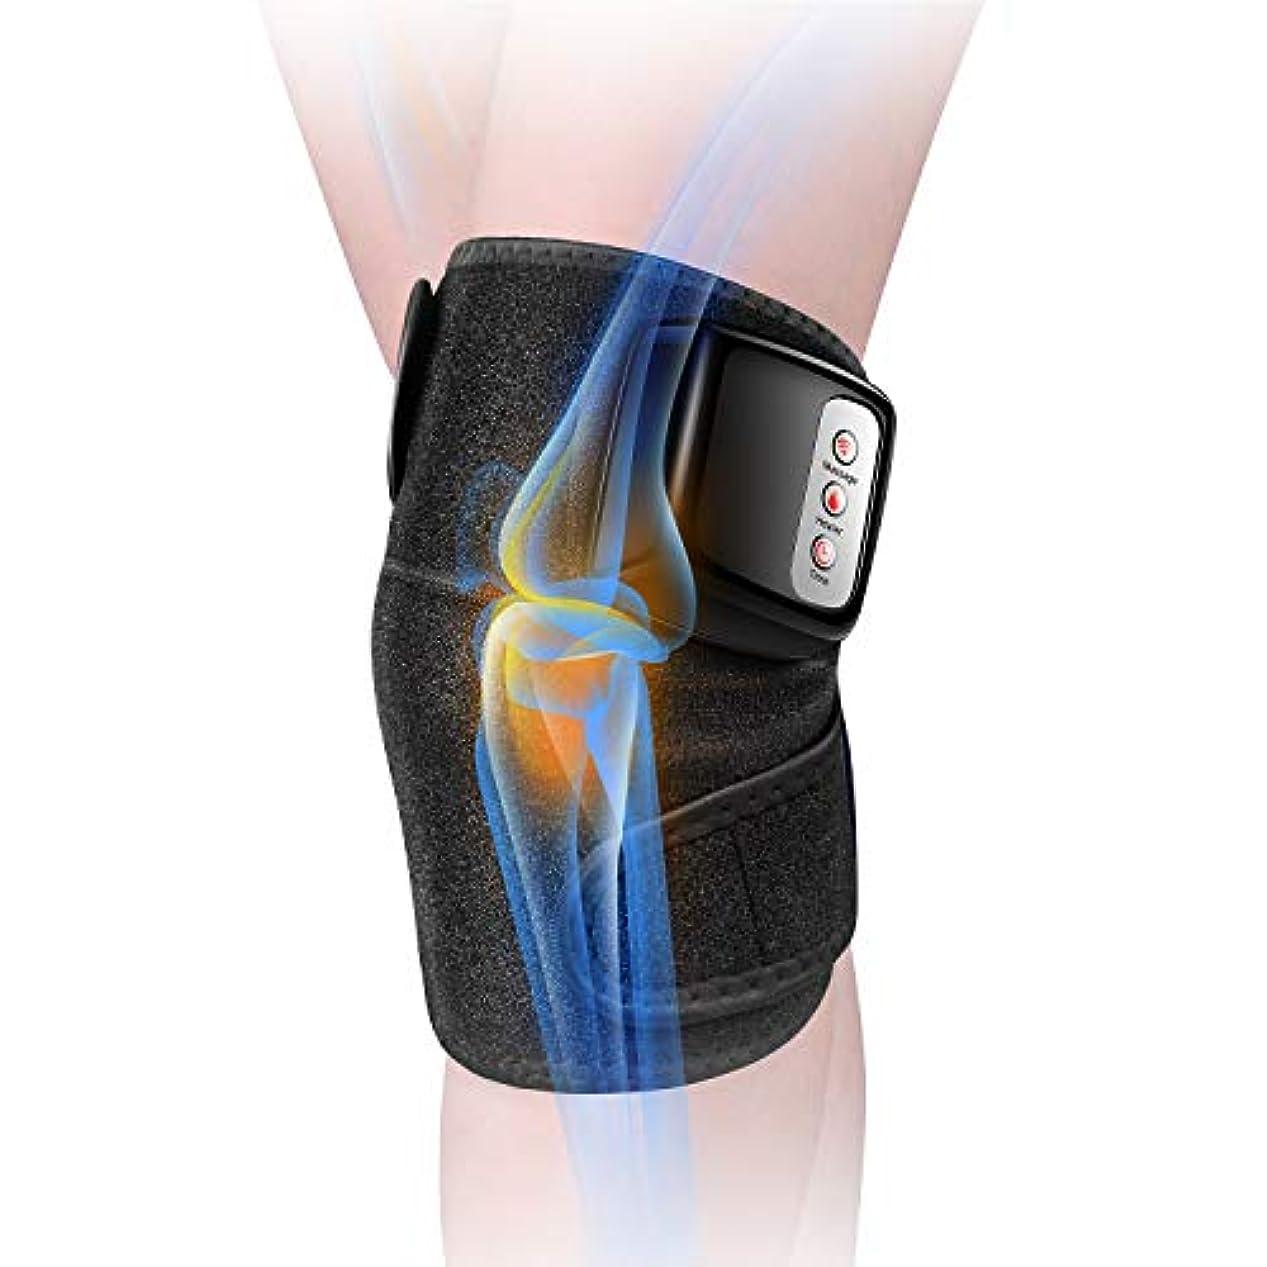 蒸結果としてキーマッサージ器 フットマッサージャー 膝マッサージャー ひざ 太もも 腕 肩 肘 ヒーター付き 振動 マッサージ機 レッグマッサージャー 通気性 赤外線療法 膝サポーター ストレス解消 温熱マッサージ